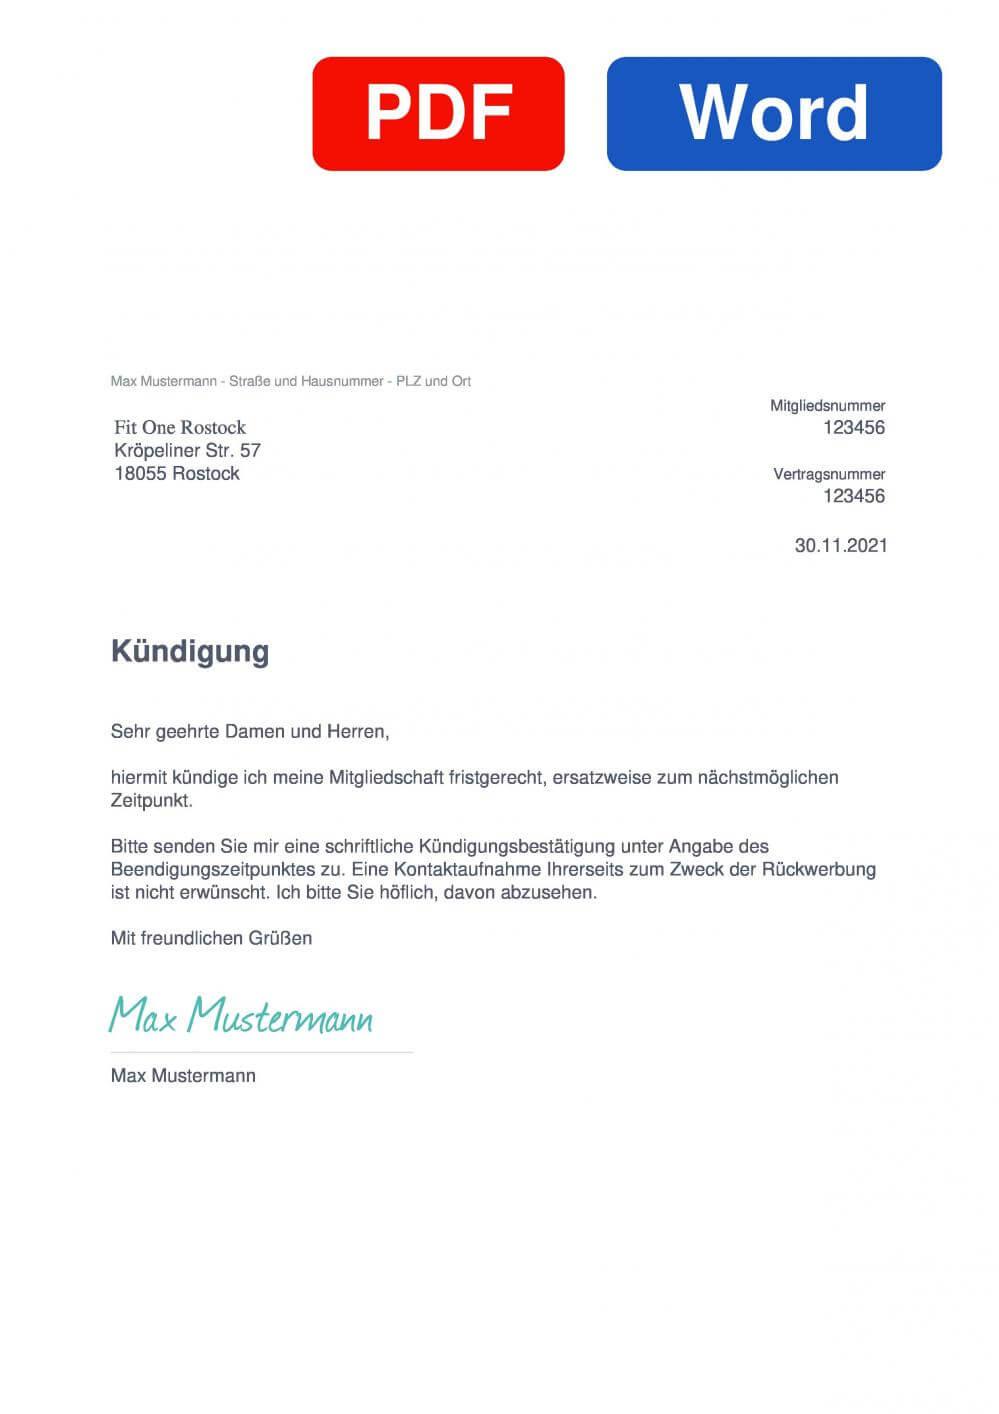 FIT/ONE Rostock Muster Vorlage für Kündigungsschreiben